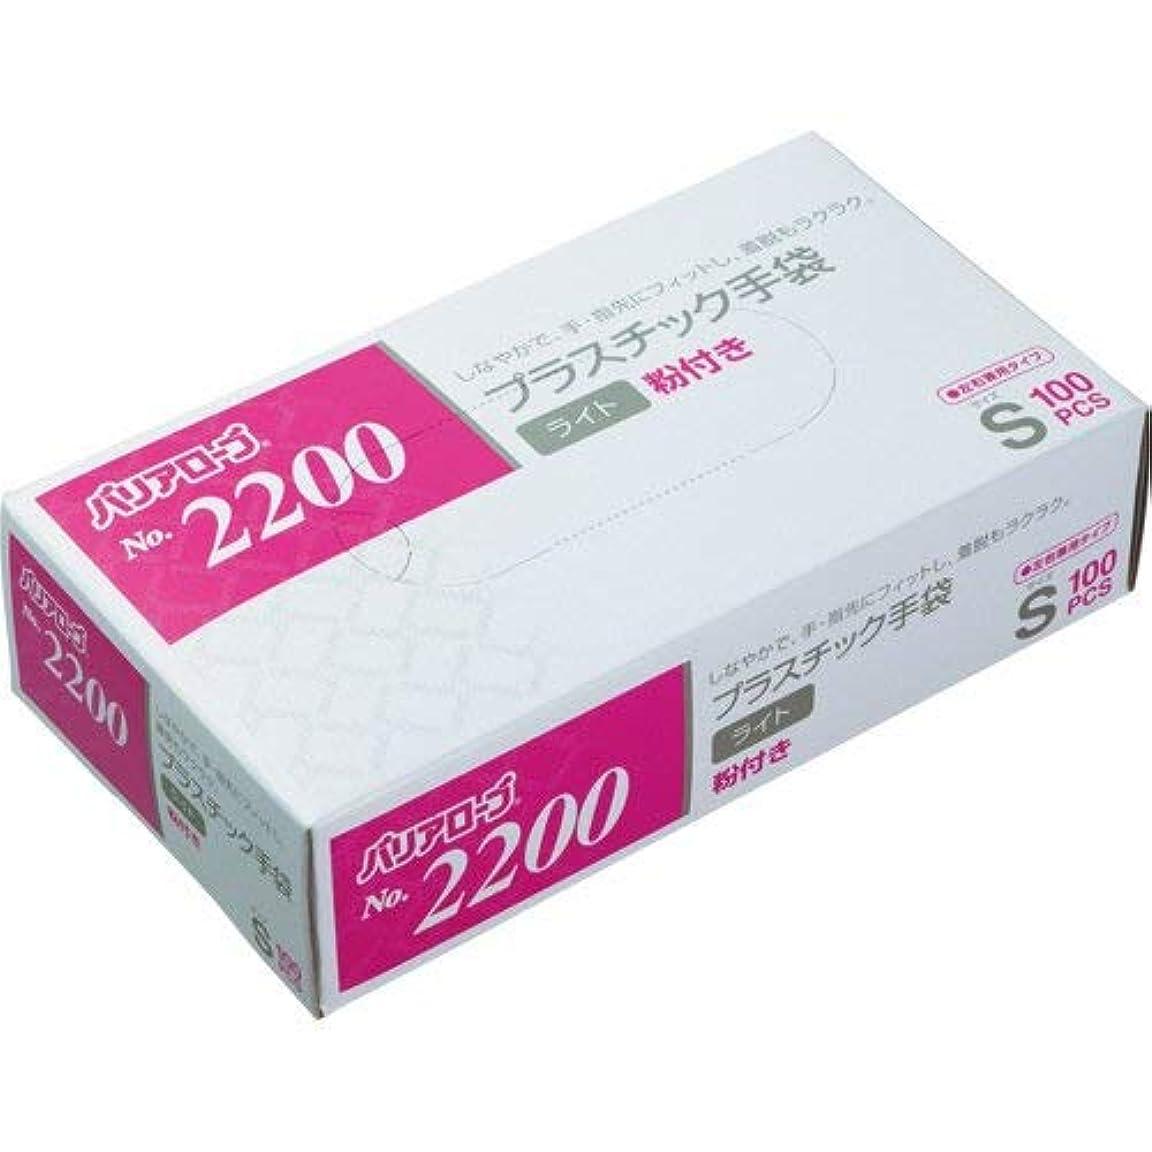 の記念品順応性【ケース販売】 バリアローブ №2200 プラスチック手袋 ライト (粉付き) S 2000枚(100枚×20箱)